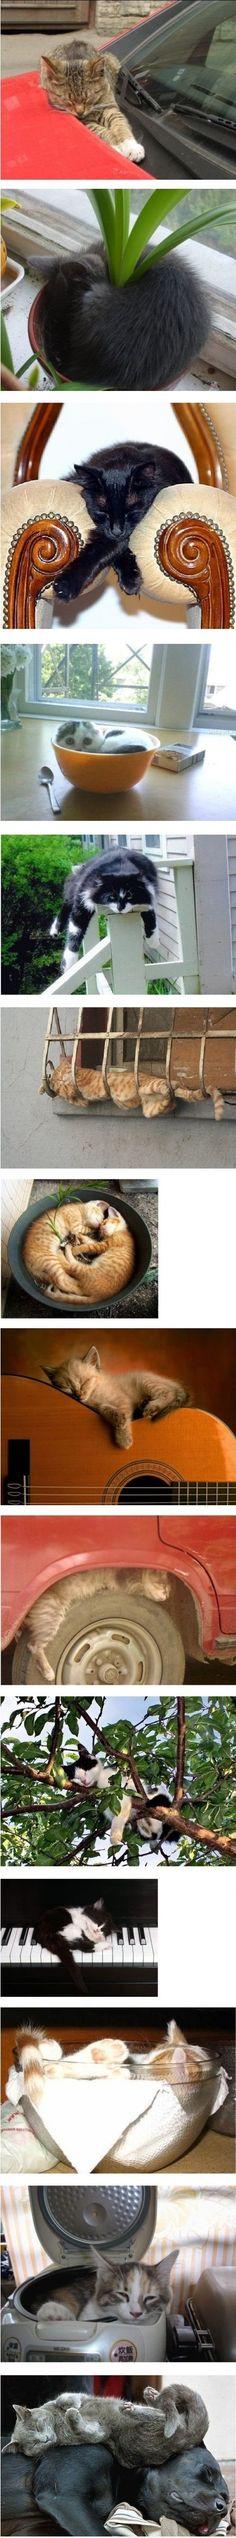 I am a Cat and I Sleep Wherever I Want